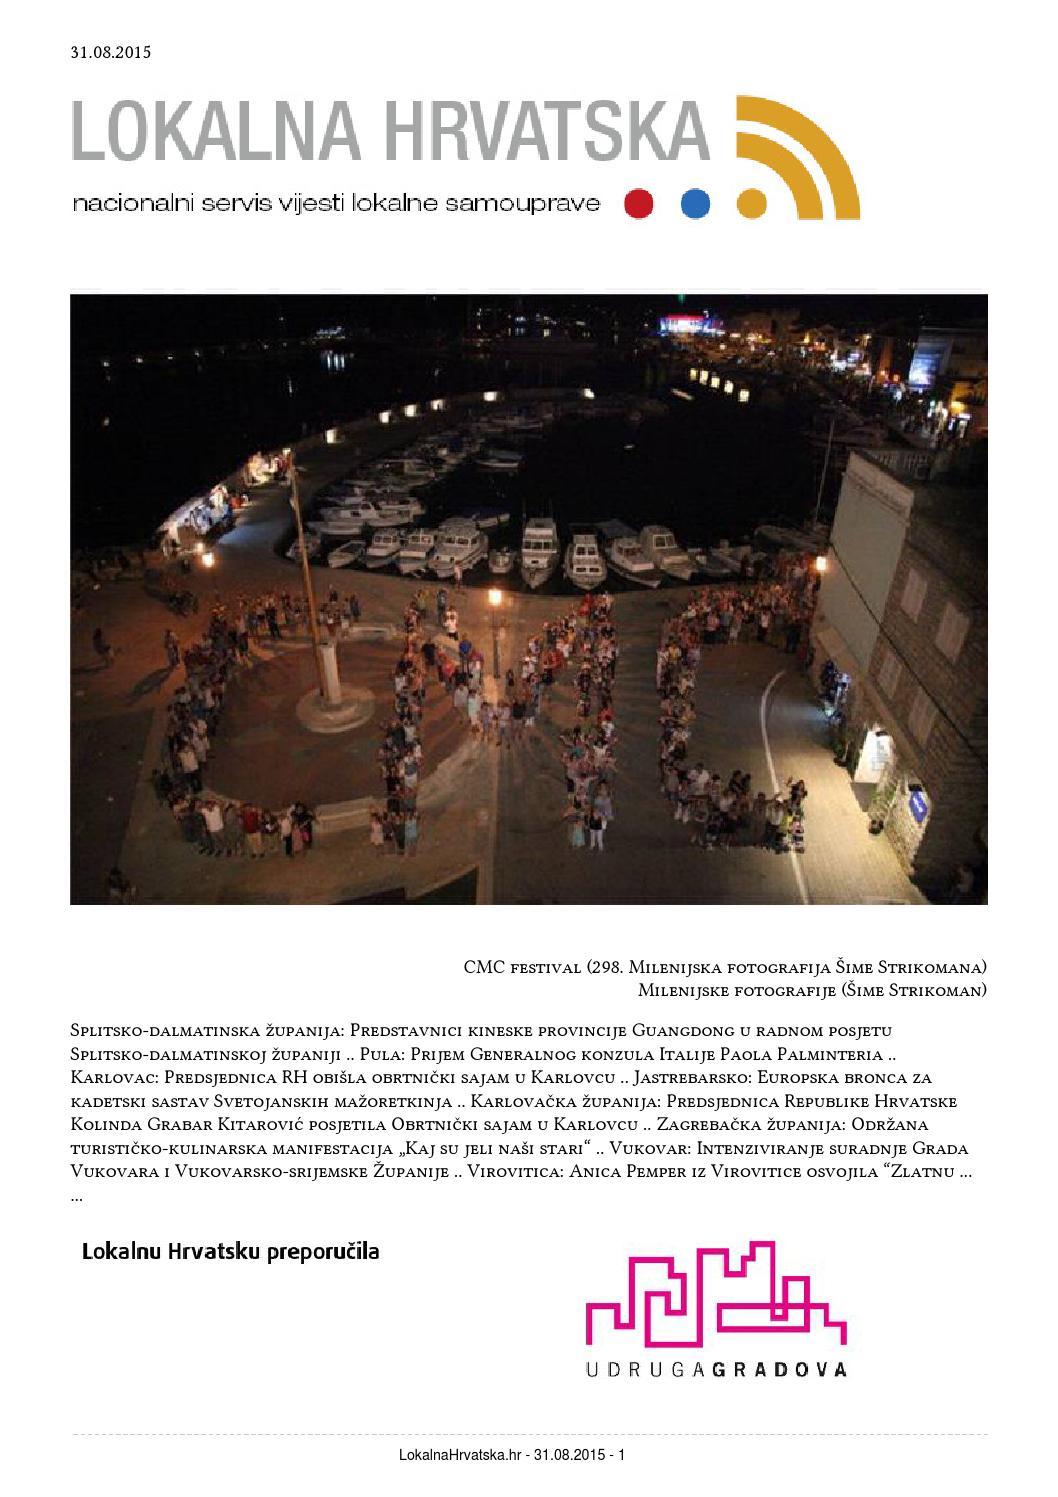 Naslovnica elektronskog izdanja: Šime Strikoman - Milenijske fotografije   Kliknite, pregledajte i prijavite se za besplatno praćenje (follow) novog nacionalnog digitalnog dnevnog magazina. Logirajte se Gmailom, Facebookom, LinkedIn-om i kliknite FOLLOW.